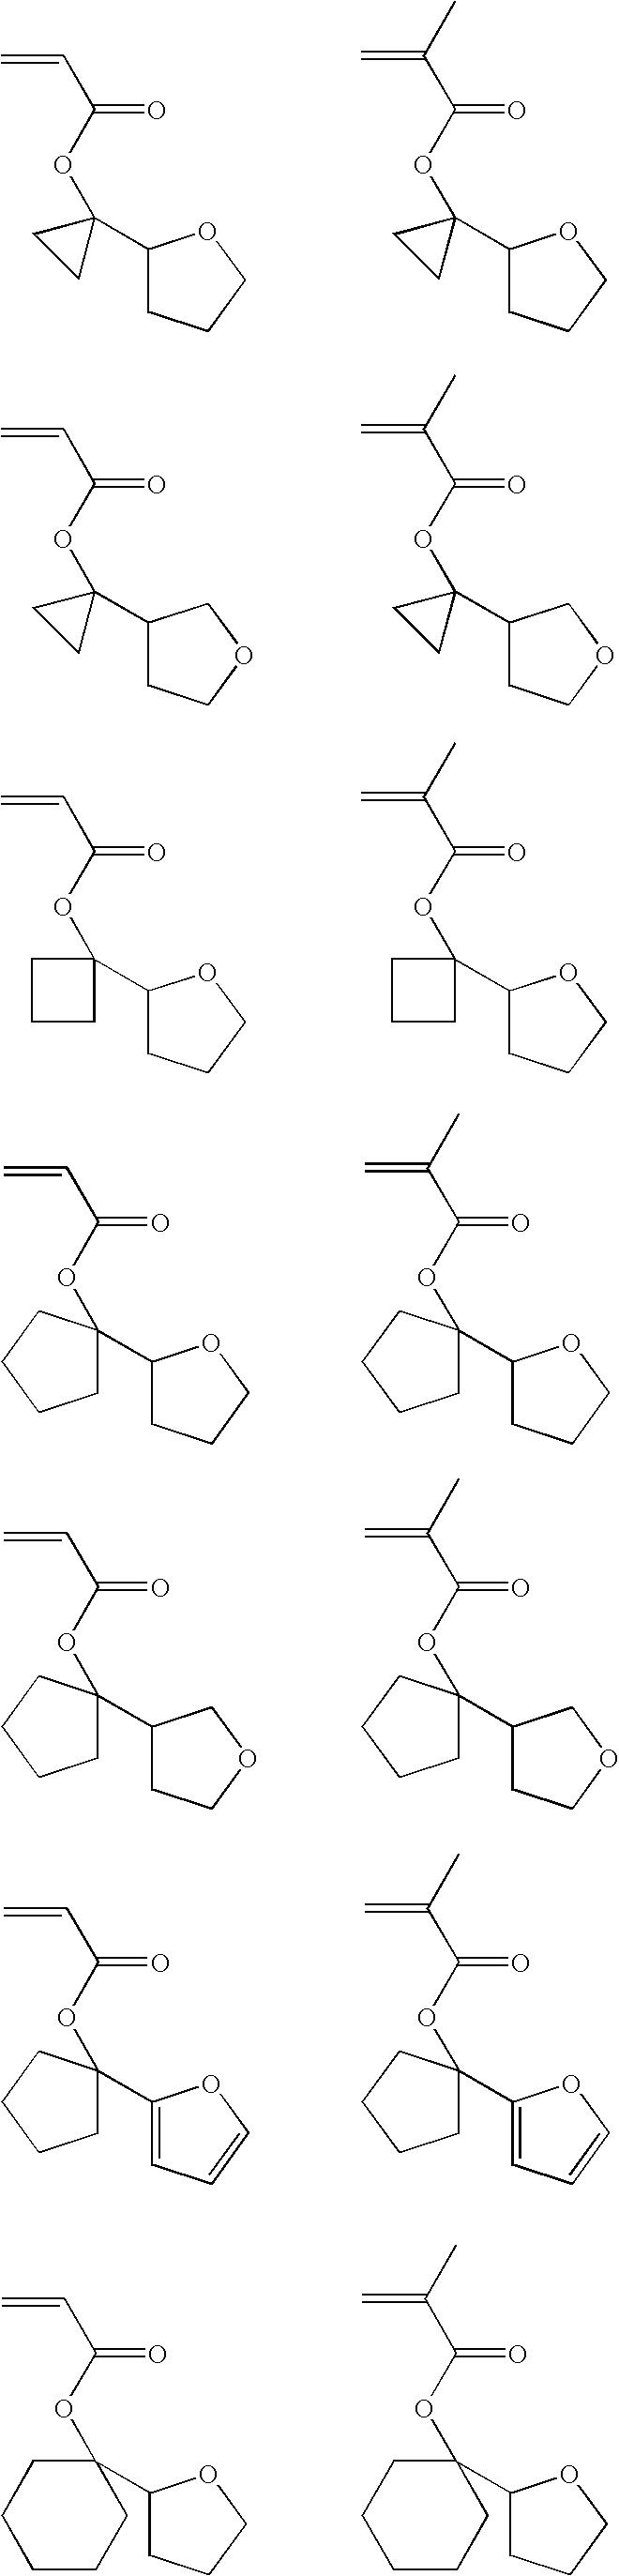 Figure US20080020289A1-20080124-C00029